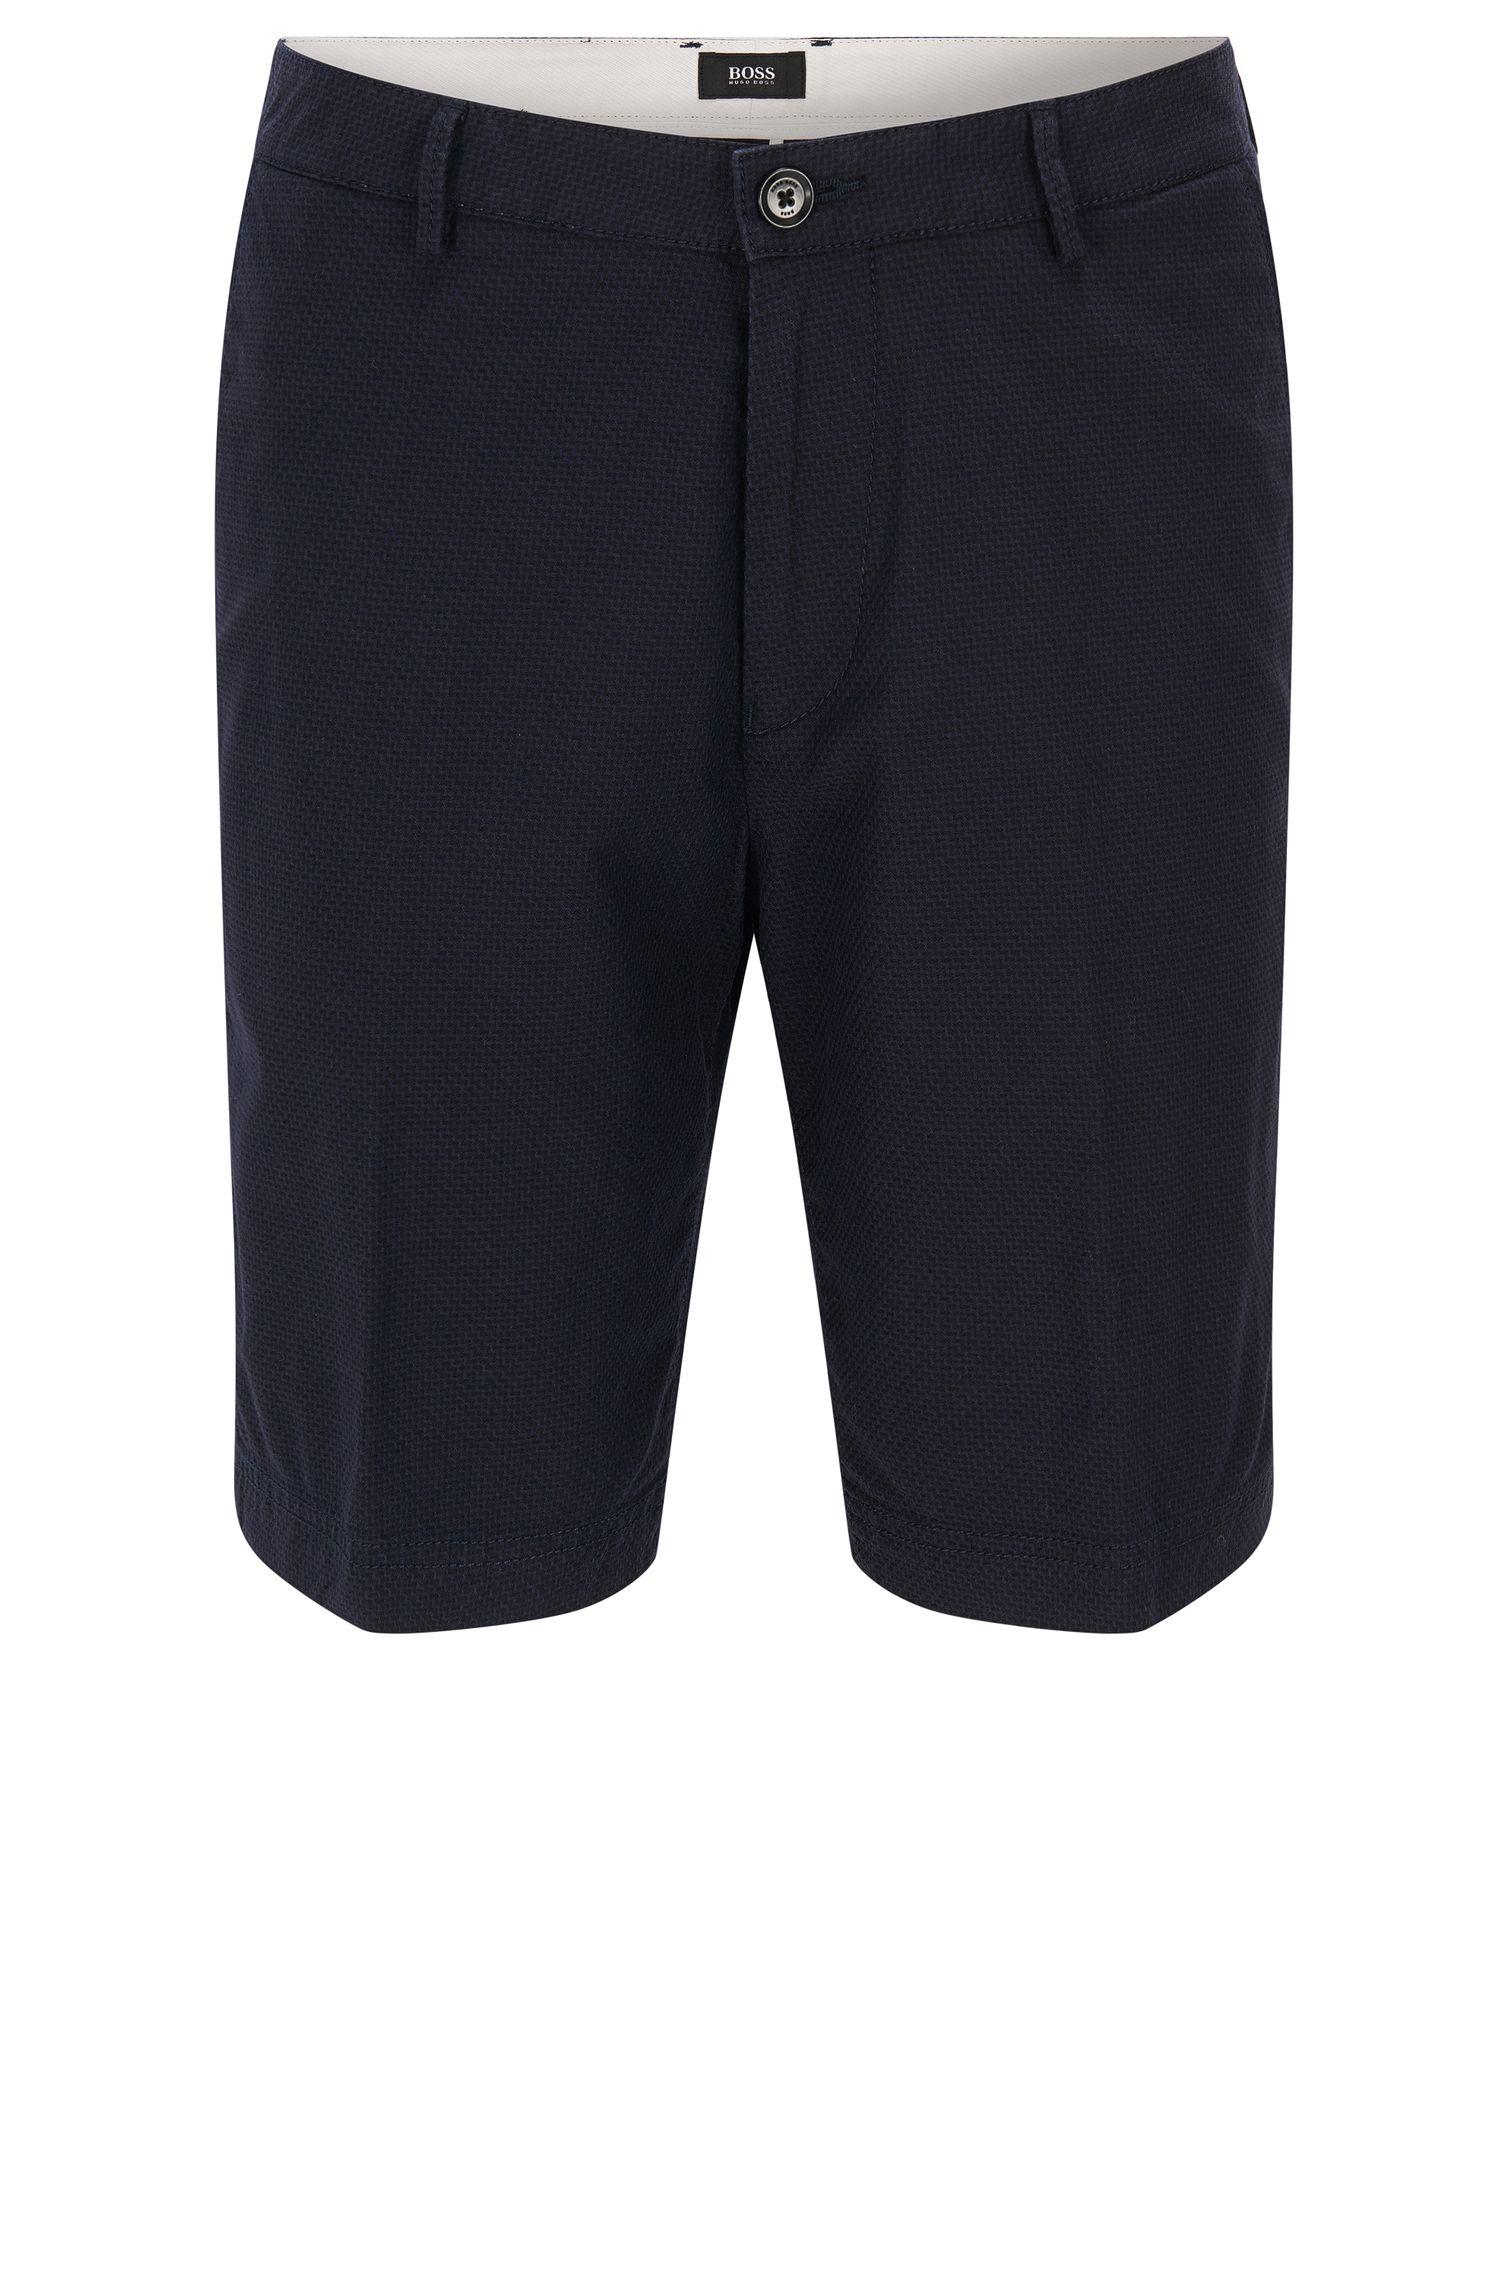 Shorts regular fit de algodón elástico con microestampado